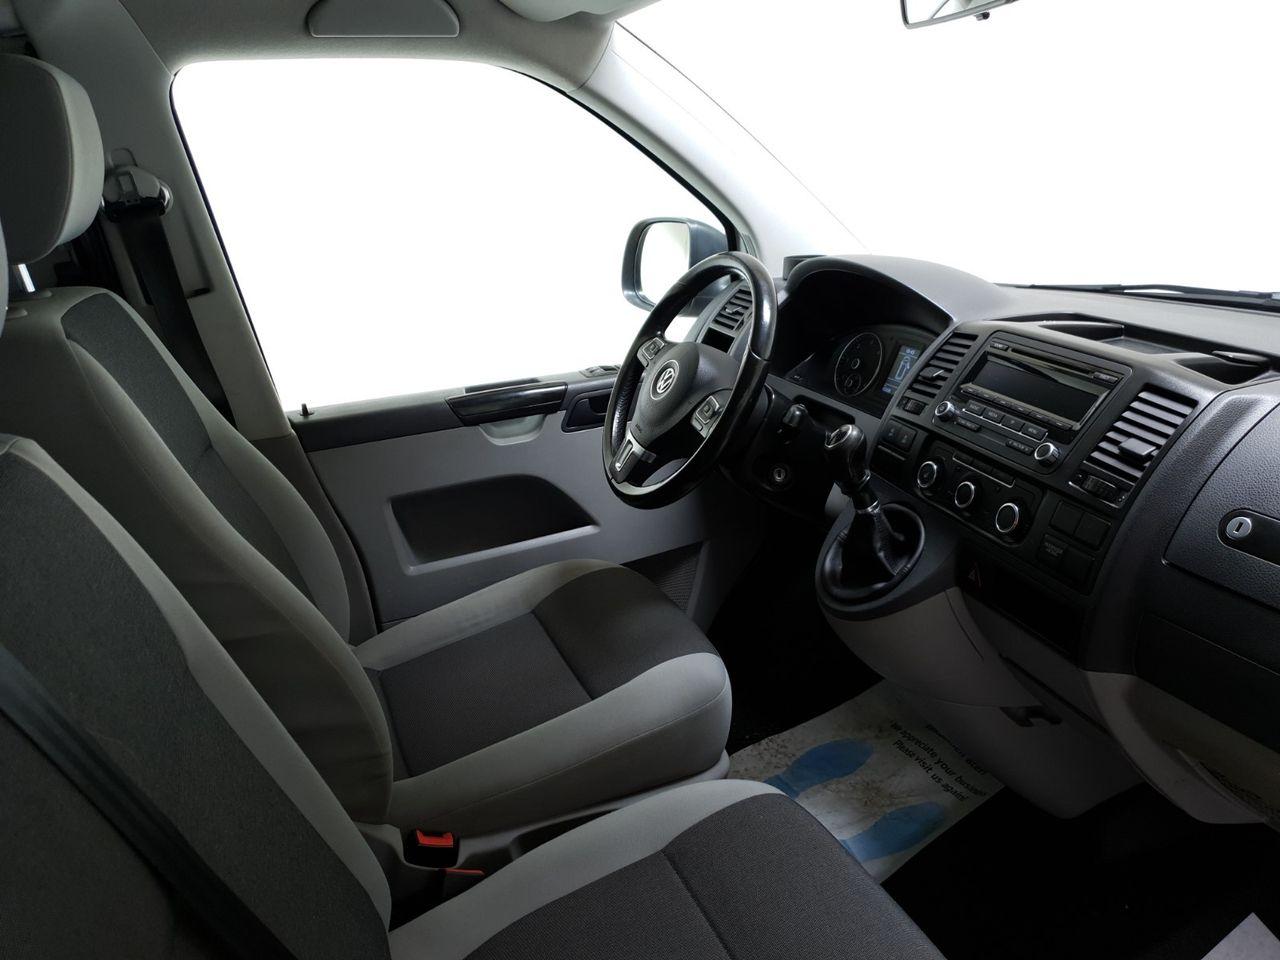 VW Transporter T5 FL Varebil – eldre modell